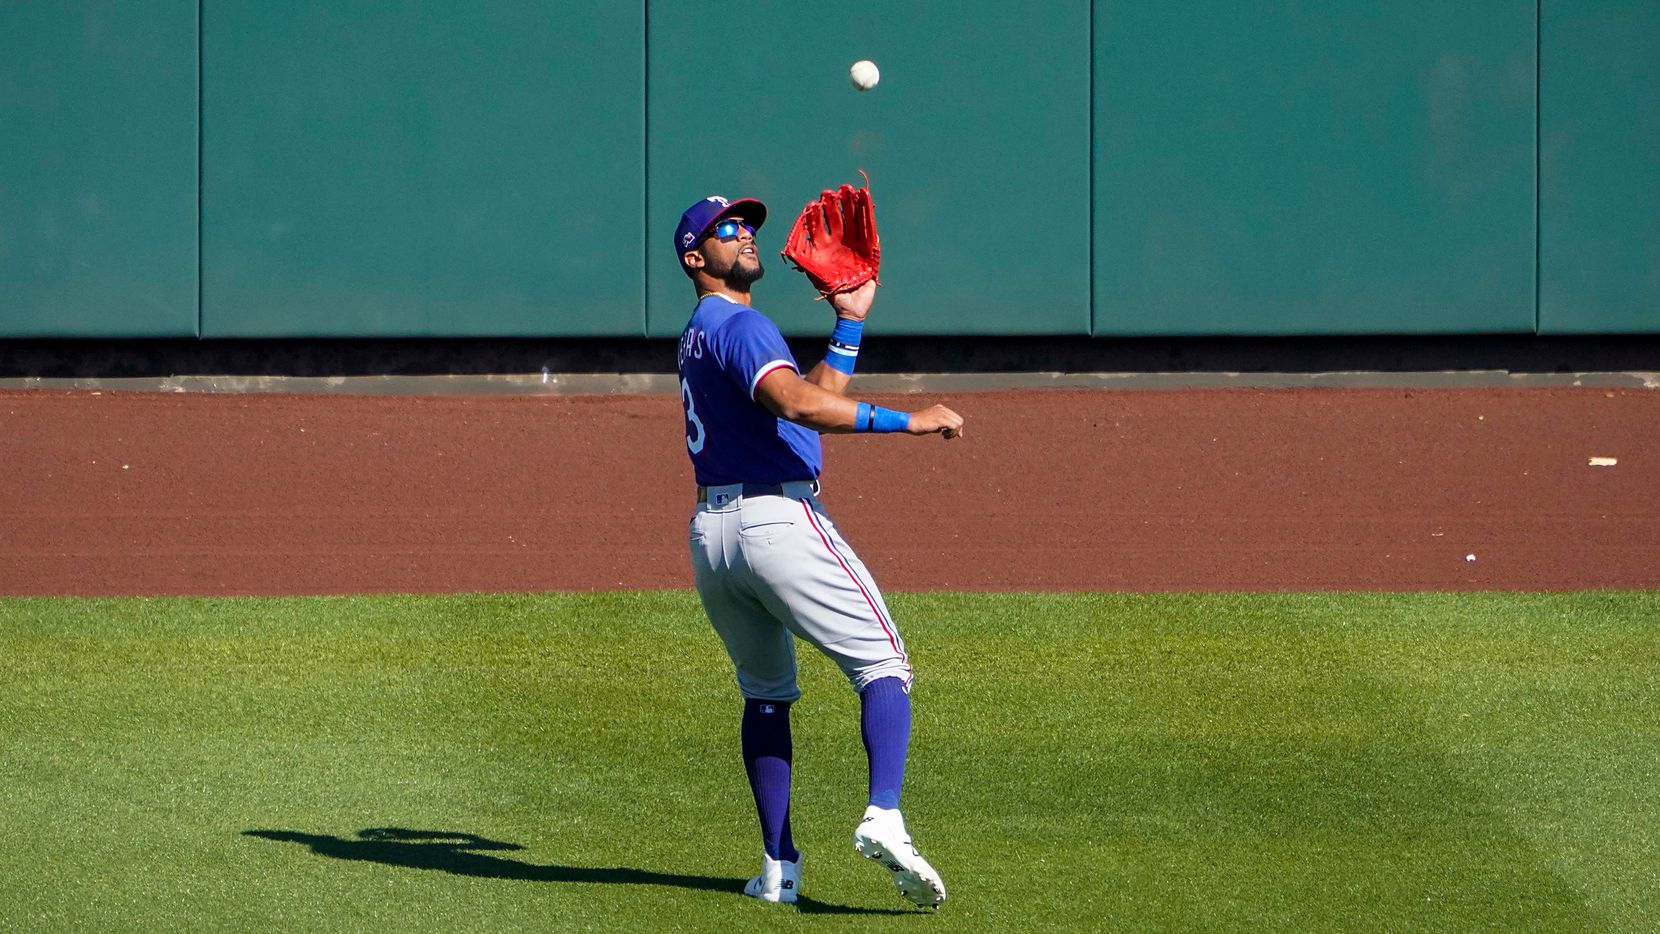 El jardinero central Leody Taveras tiene todas las herramientas para convertirse esta temporada en uno de los jugadores favoritos de los aficionados de los Rangers de Texas.